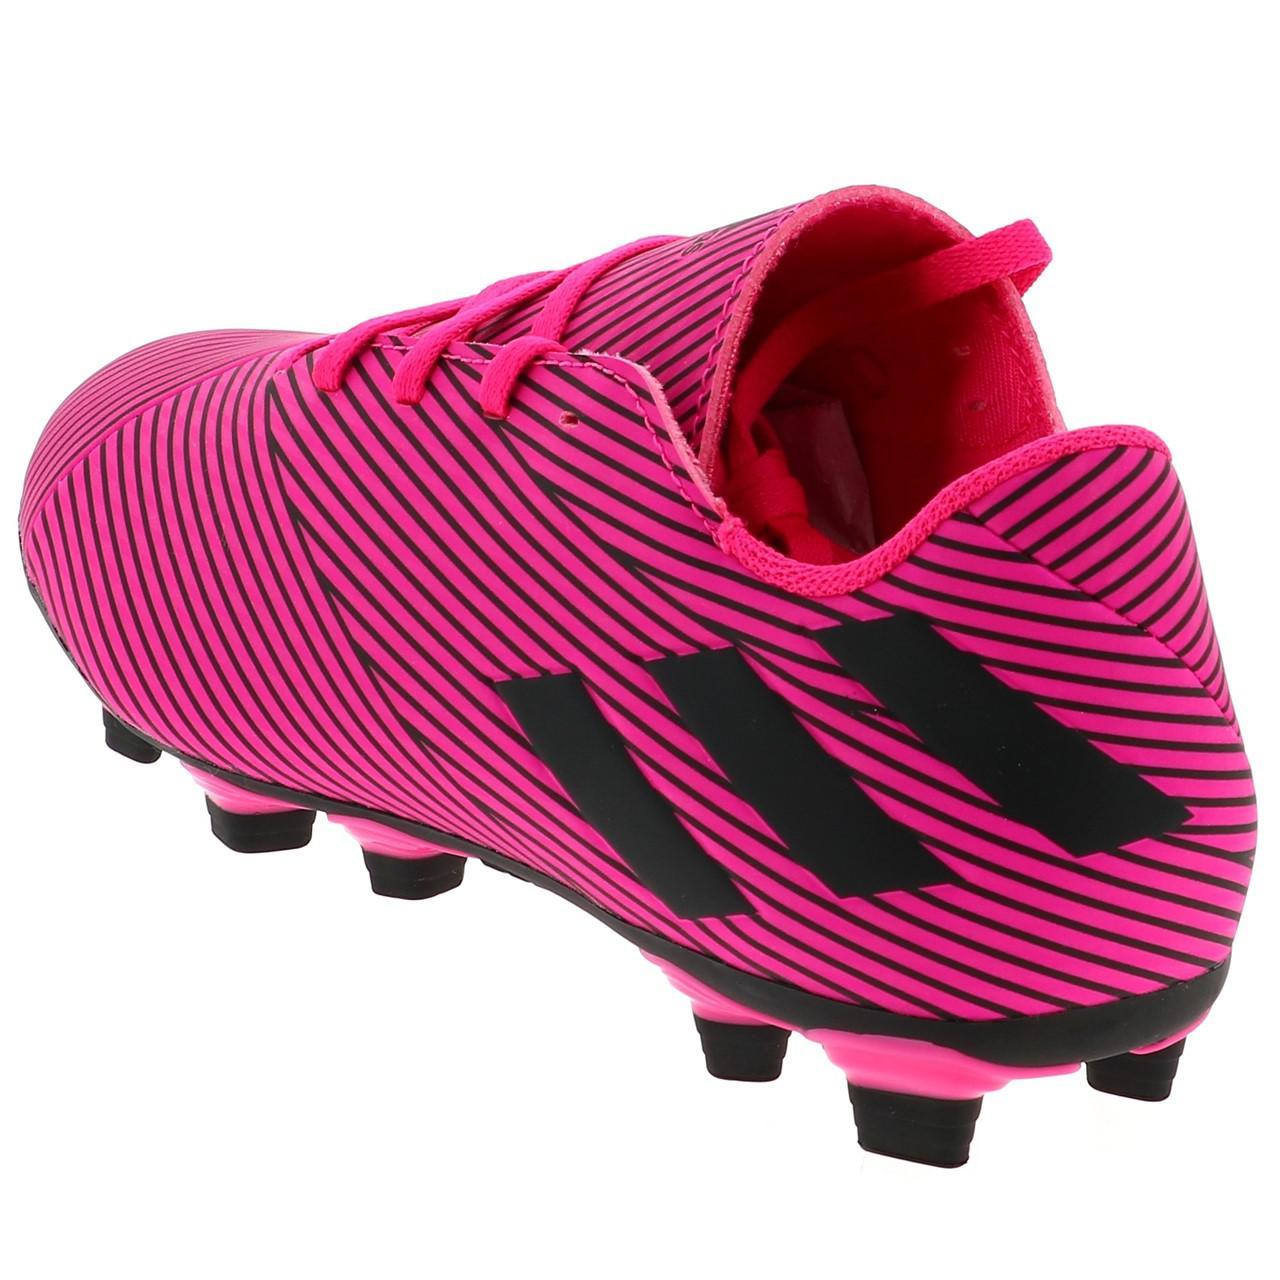 Football-Shoes-Flap-Adidas-Nemeziz-19-4-Fxg-Pink-48290-New thumbnail 3